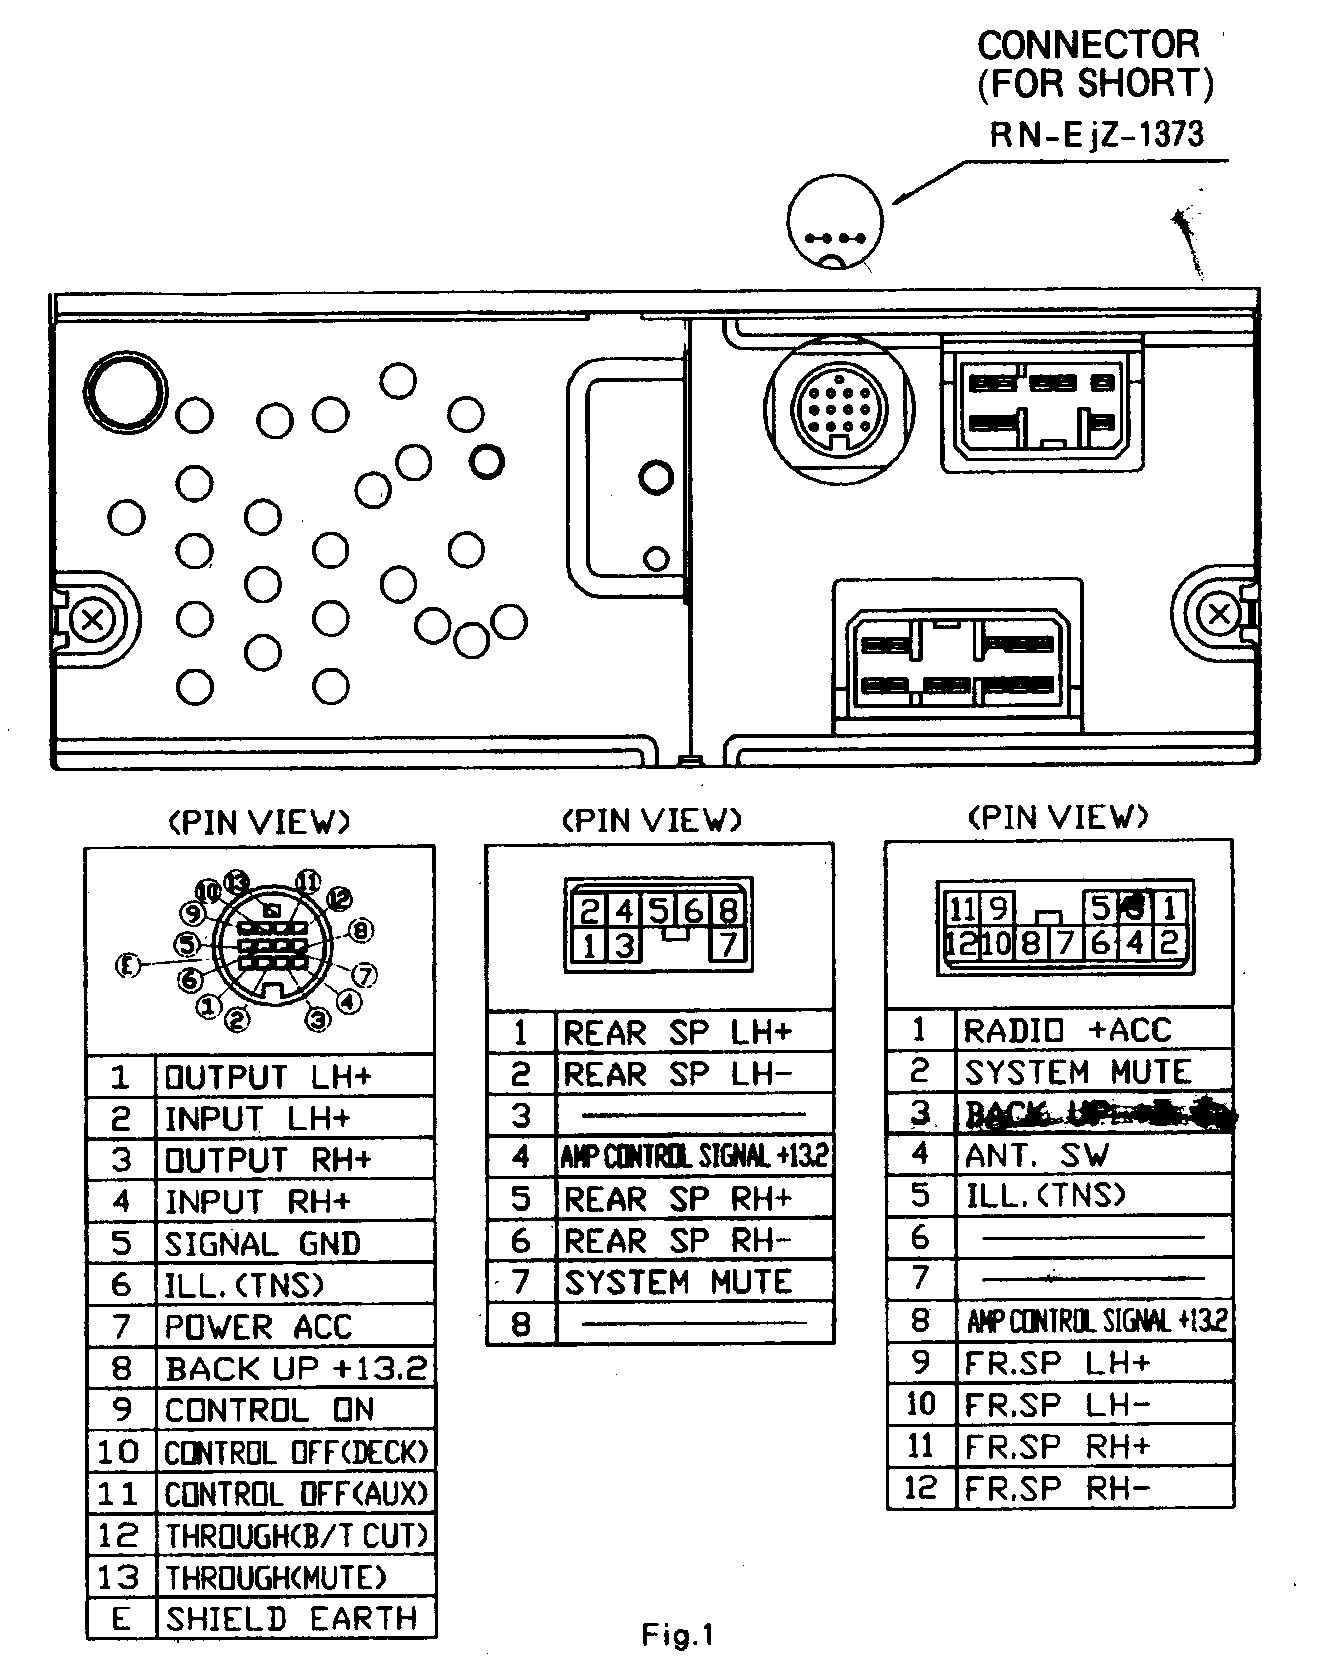 Mazda 3 Engine Diagram Diagram] 2006 Mazda 6 Stereo Wiring Diagram Full Version Hd Of Mazda 3 Engine Diagram